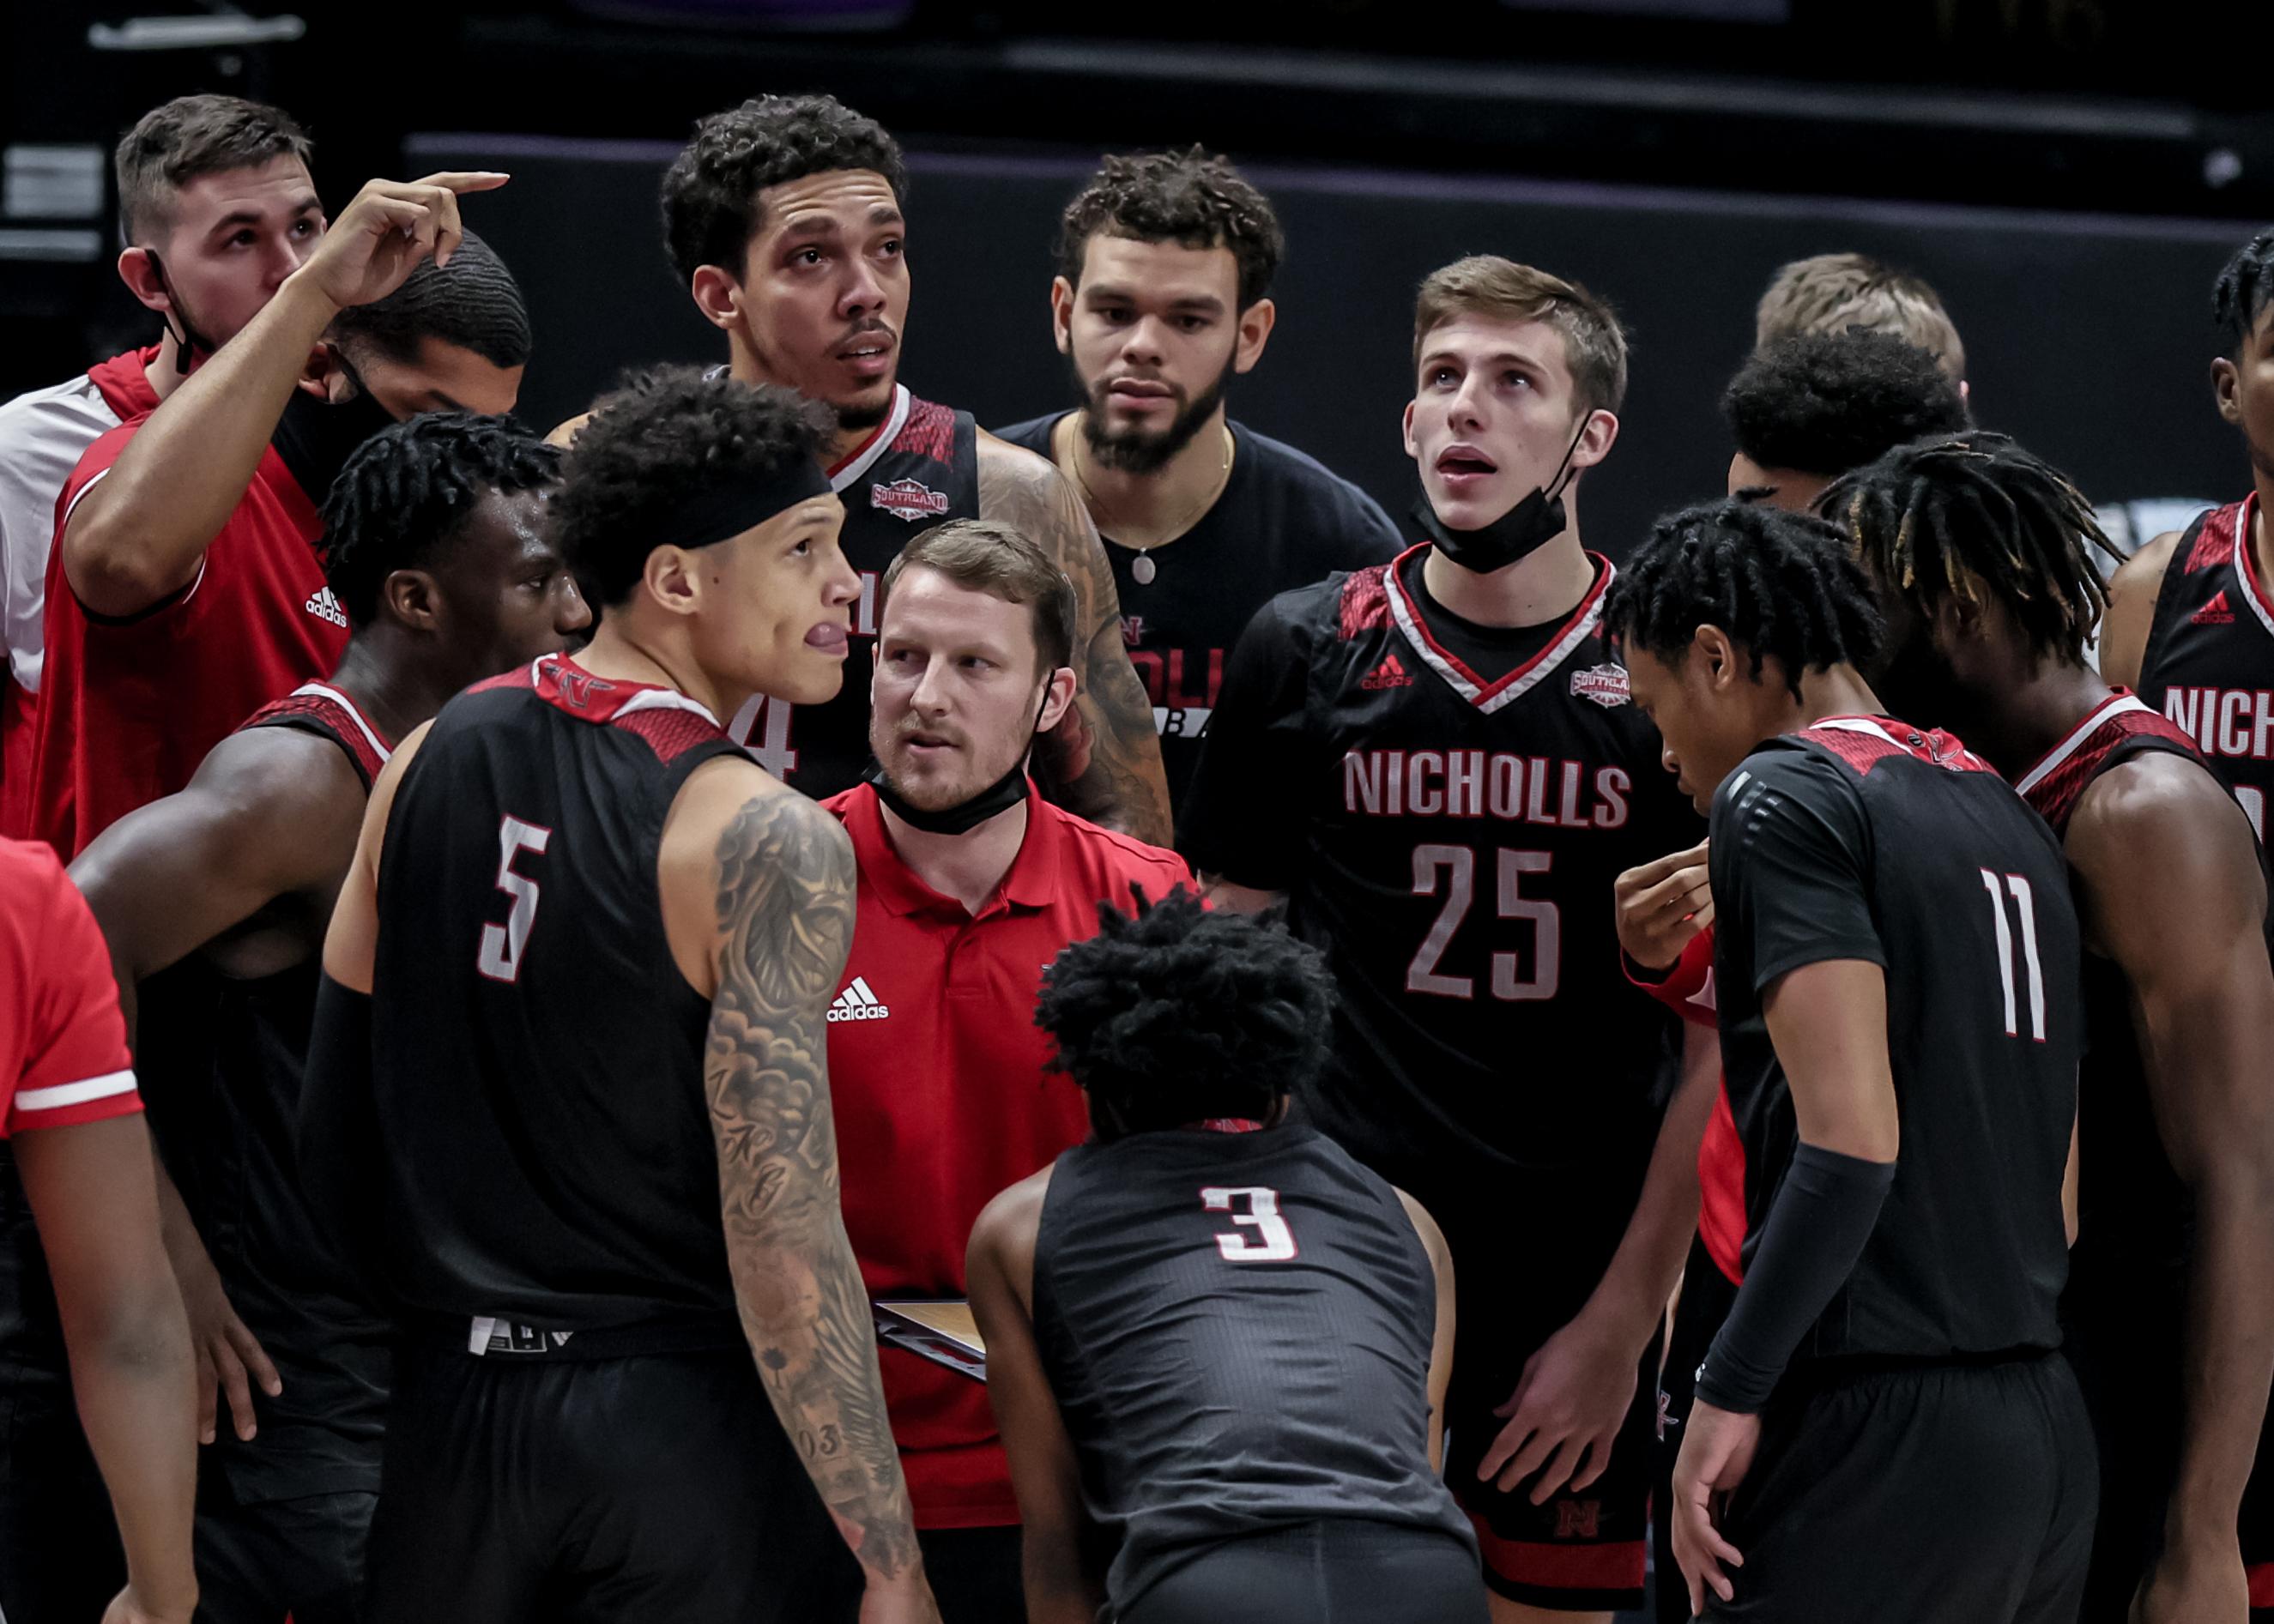 NCAA Basketball: Nicholls State at Louisiana State